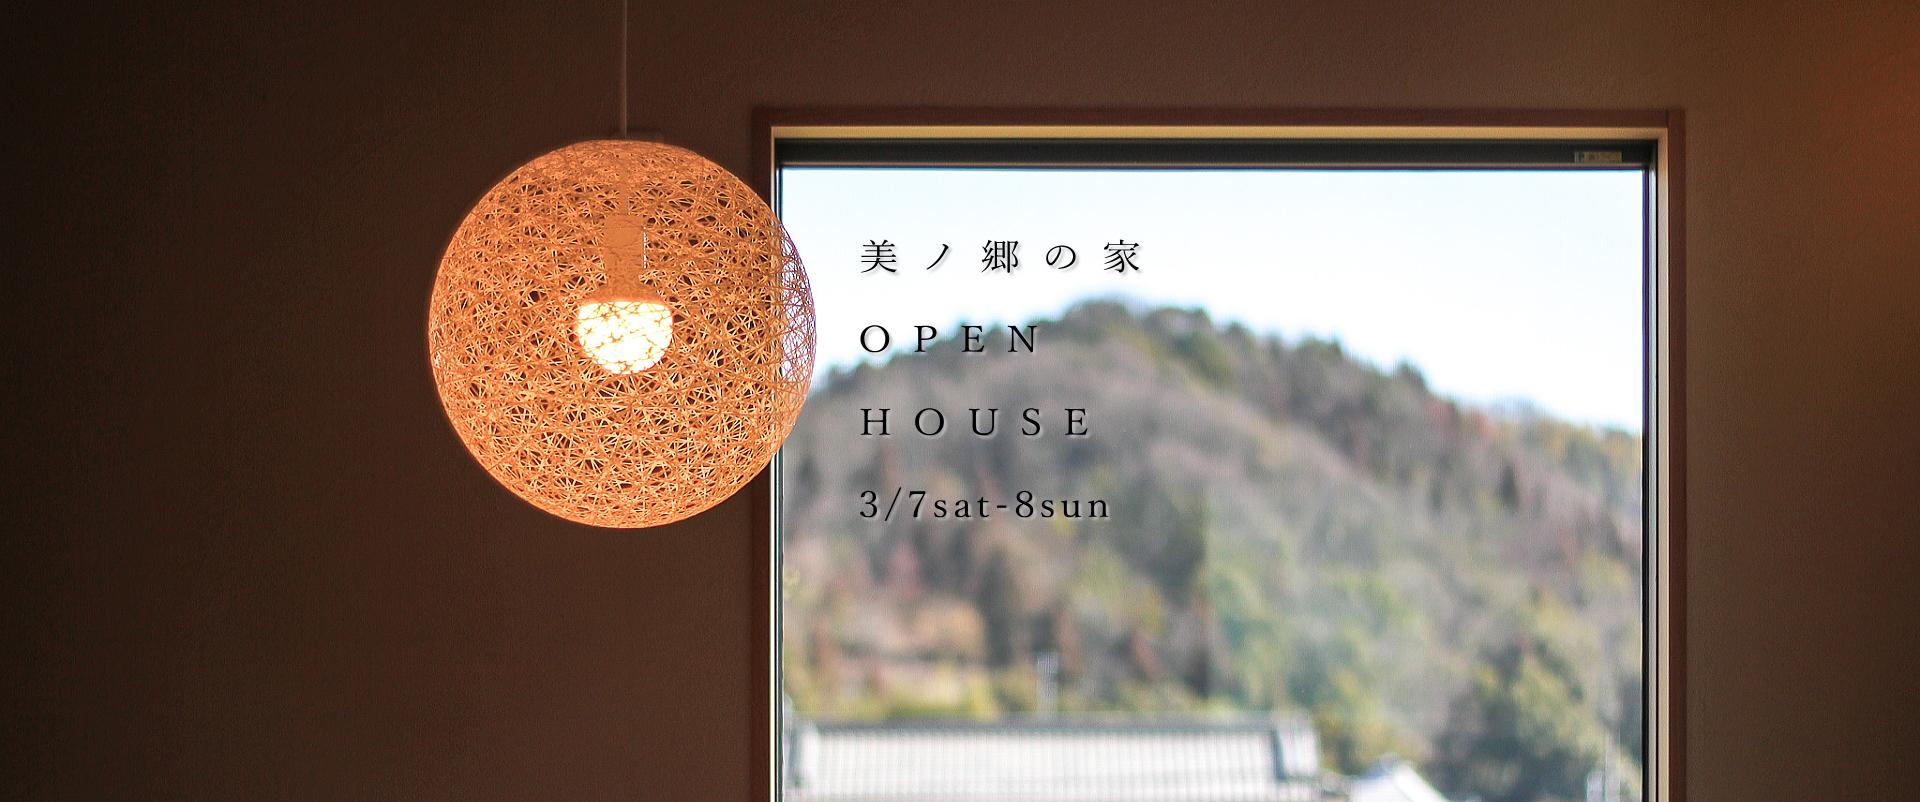 美ノ郷のいえOPENHOUSE